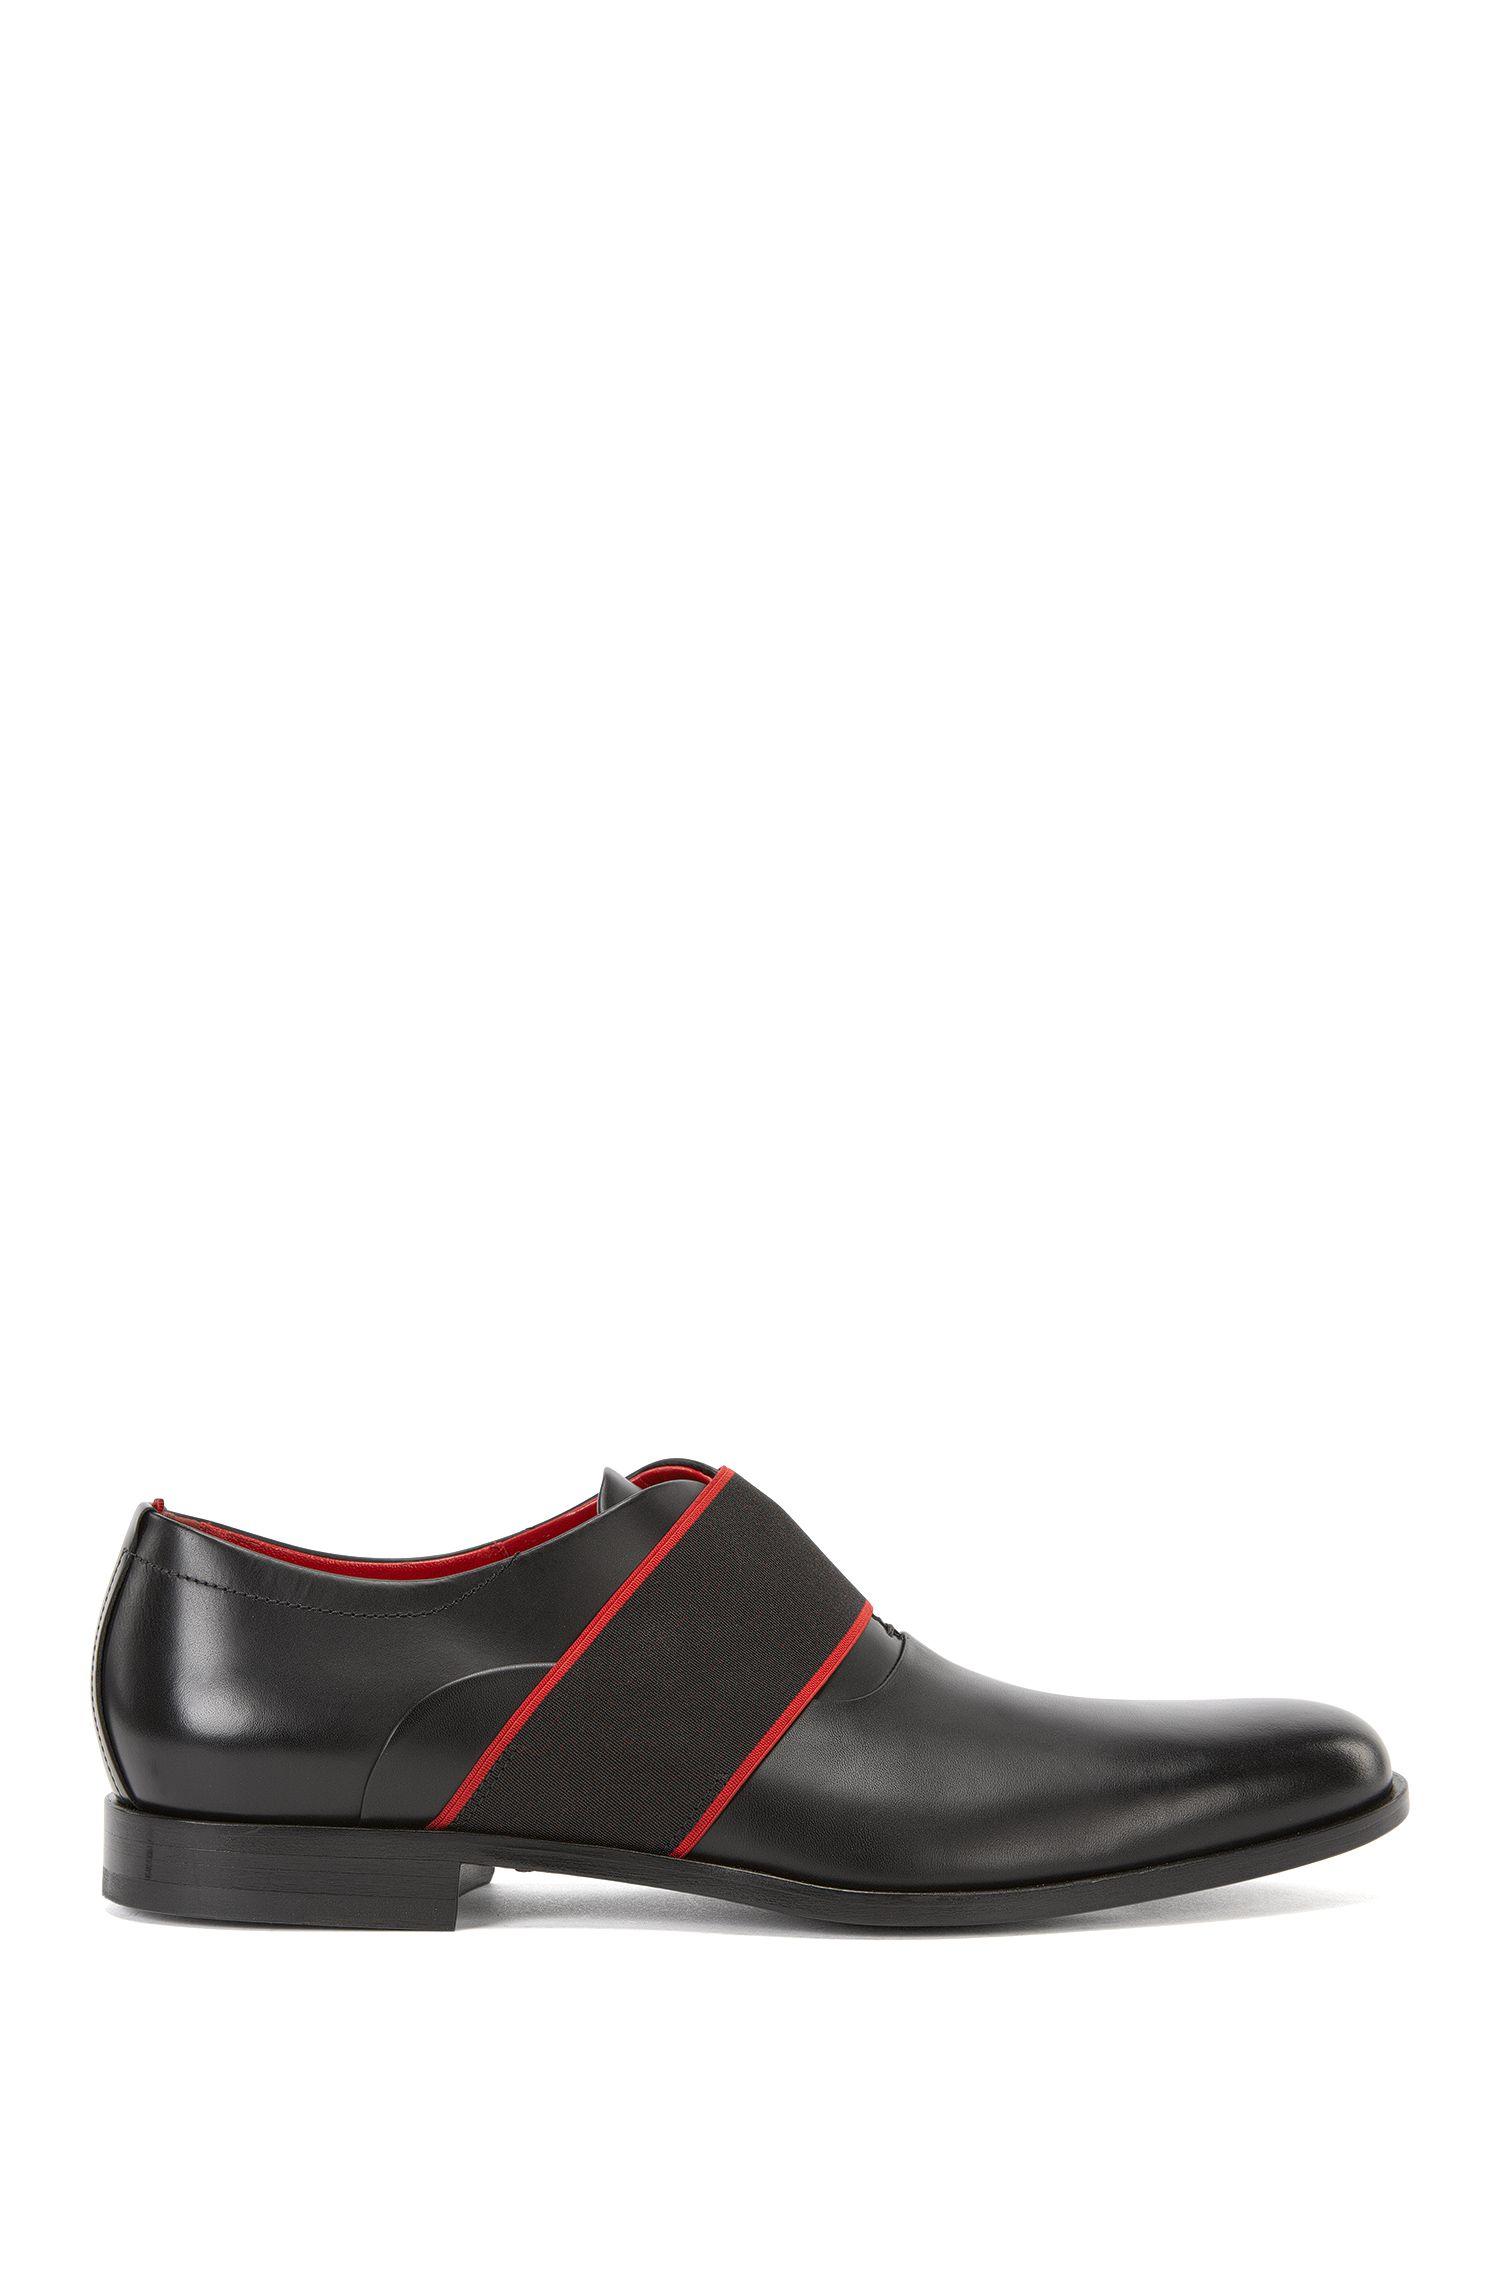 Chaussures en cuir avec bride